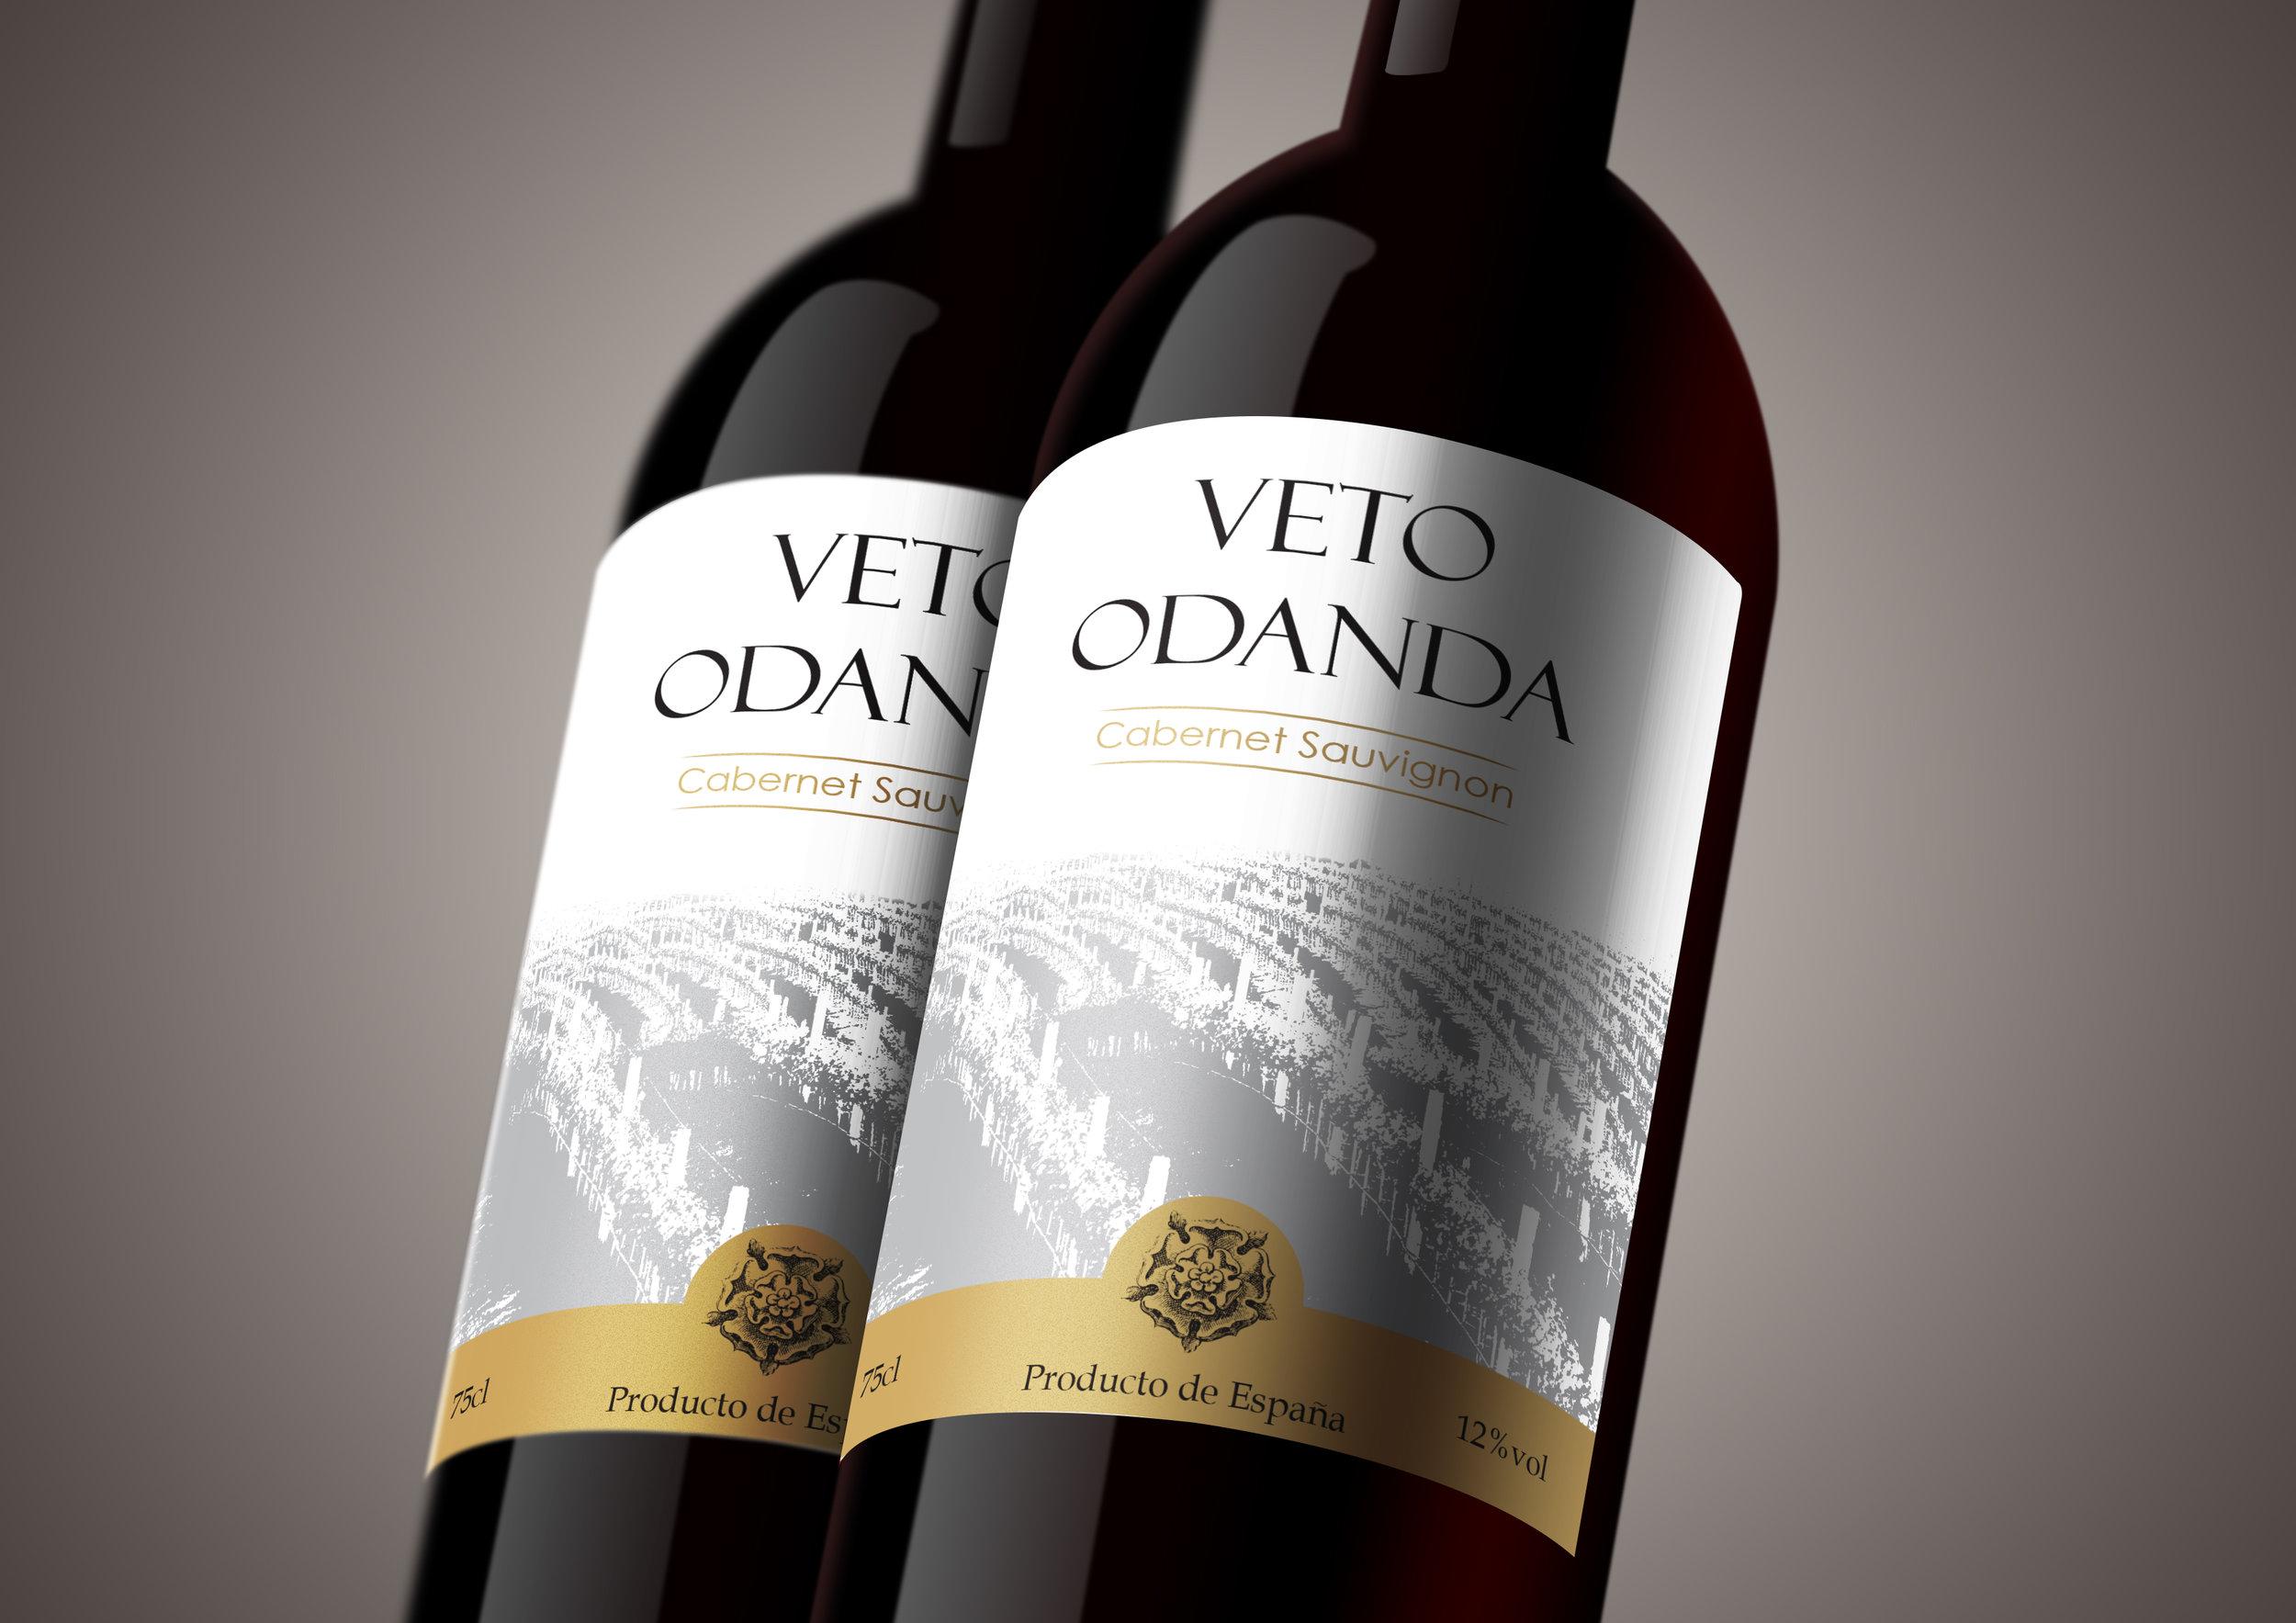 Veto Odanda 2 bottle shot.jpg